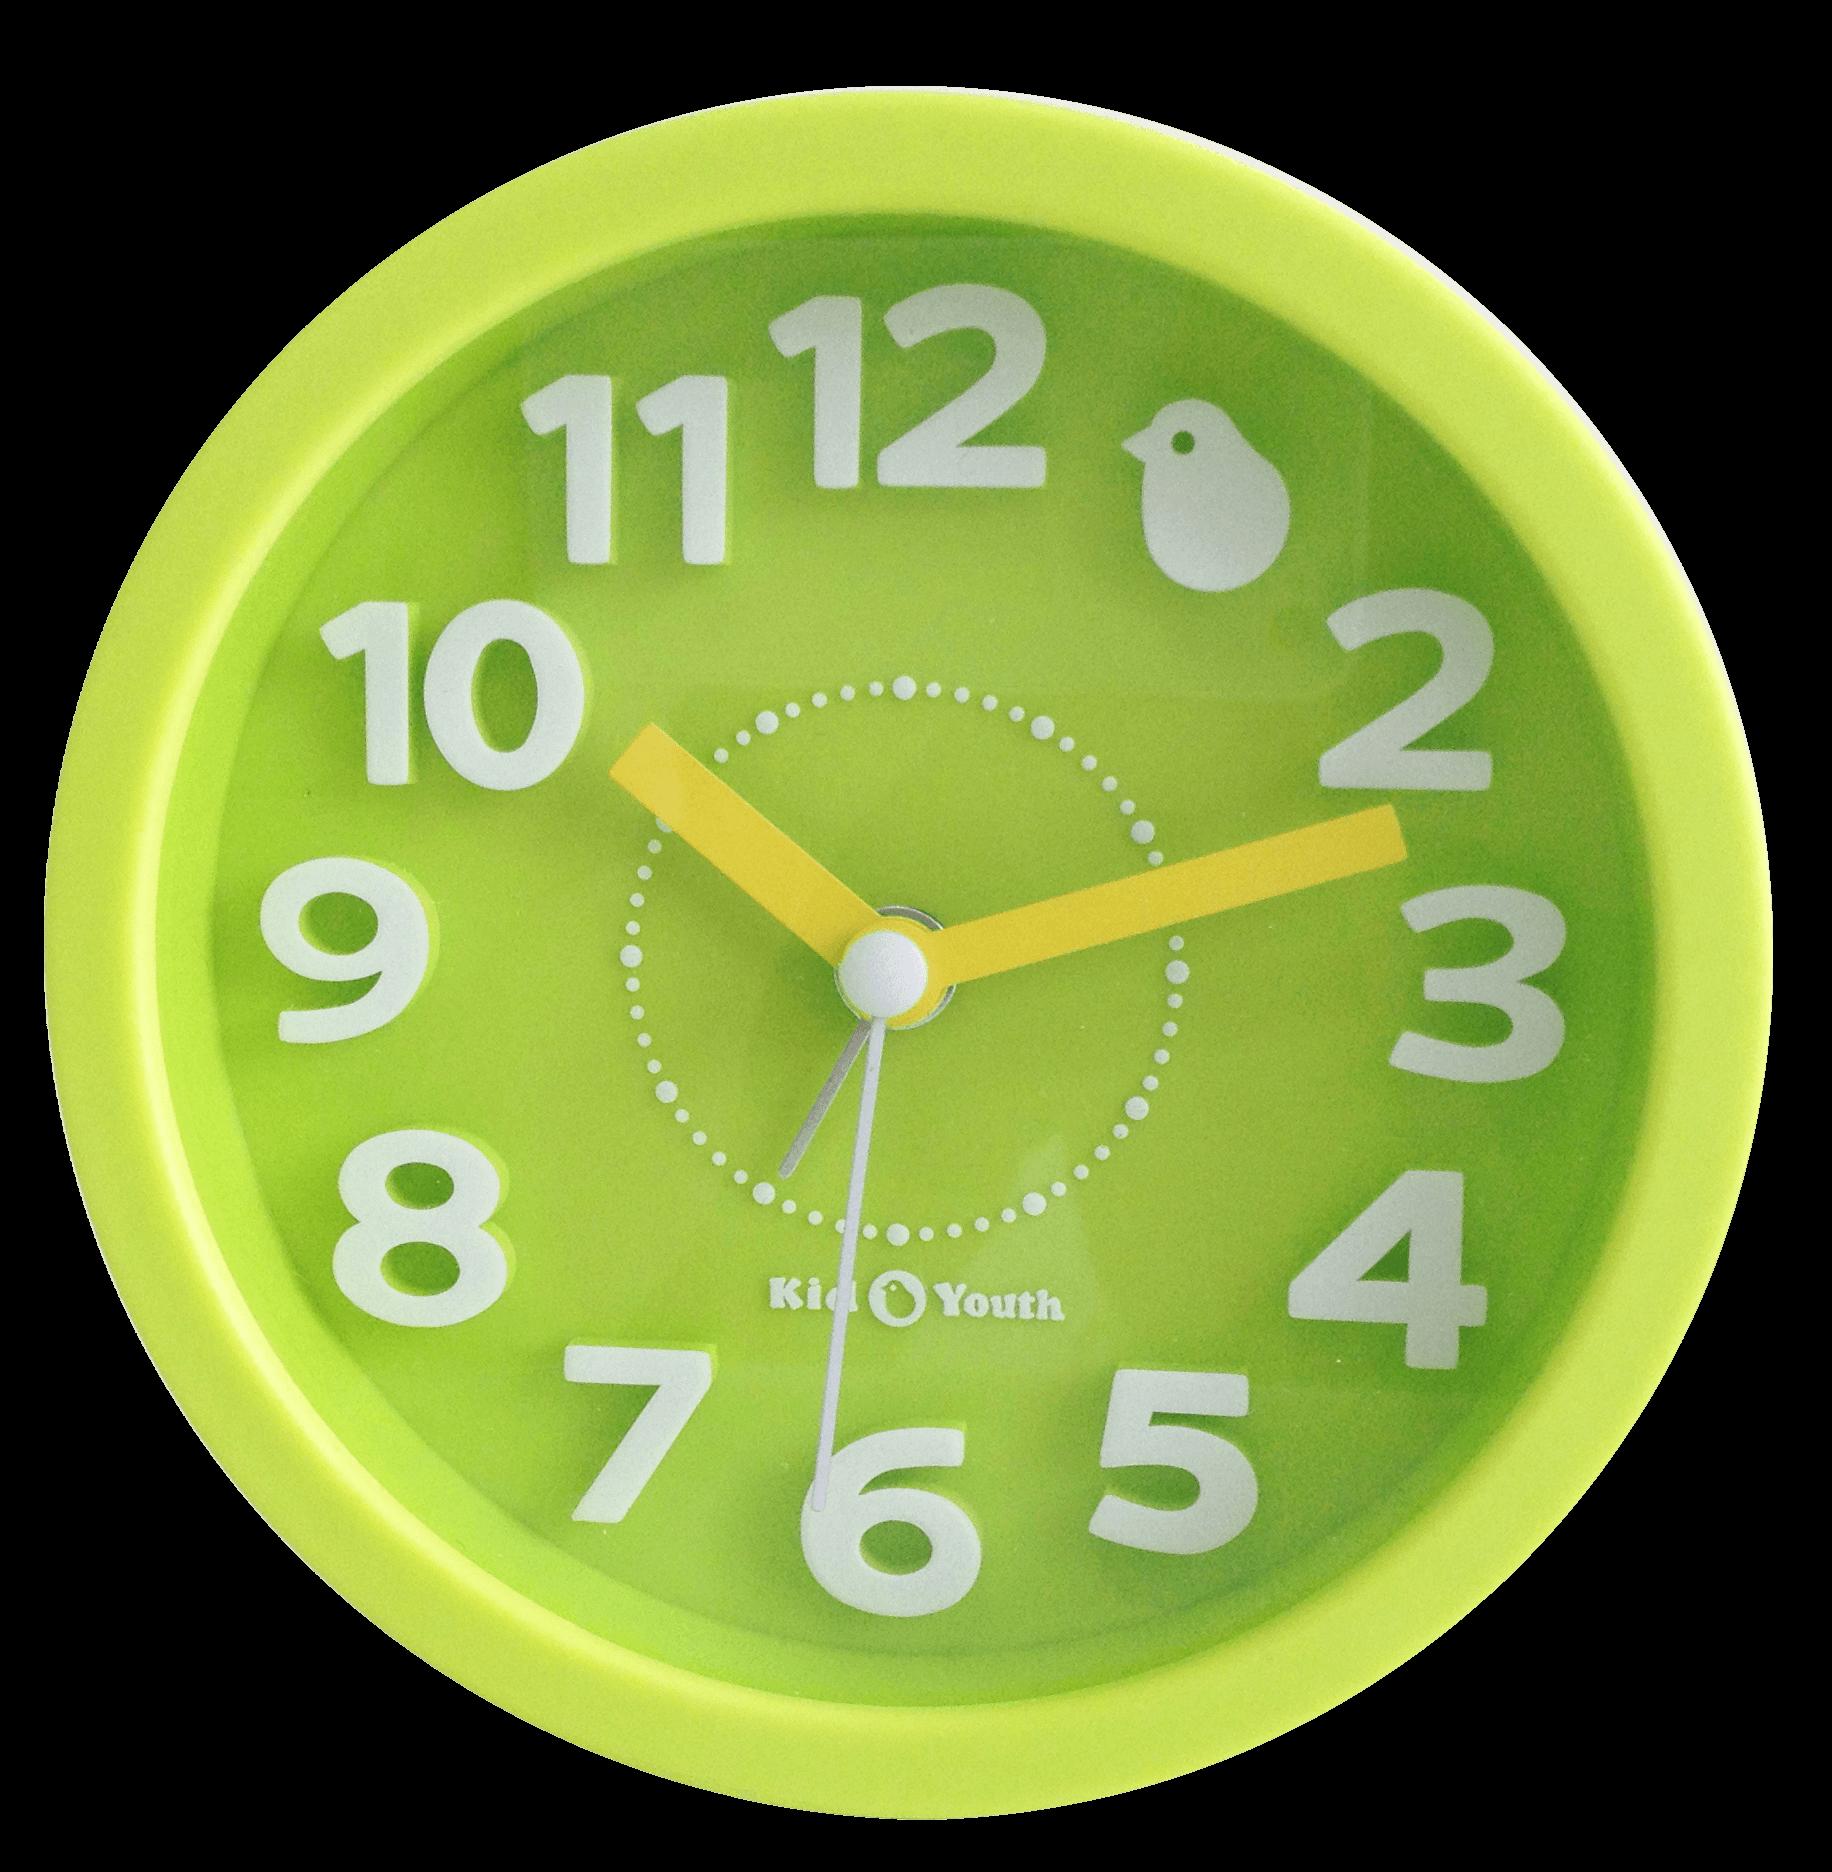 Купить Часы-будильник TCT Nanotec в интернет магазине. Цены, характеристики, фото, отзывы, обзоры